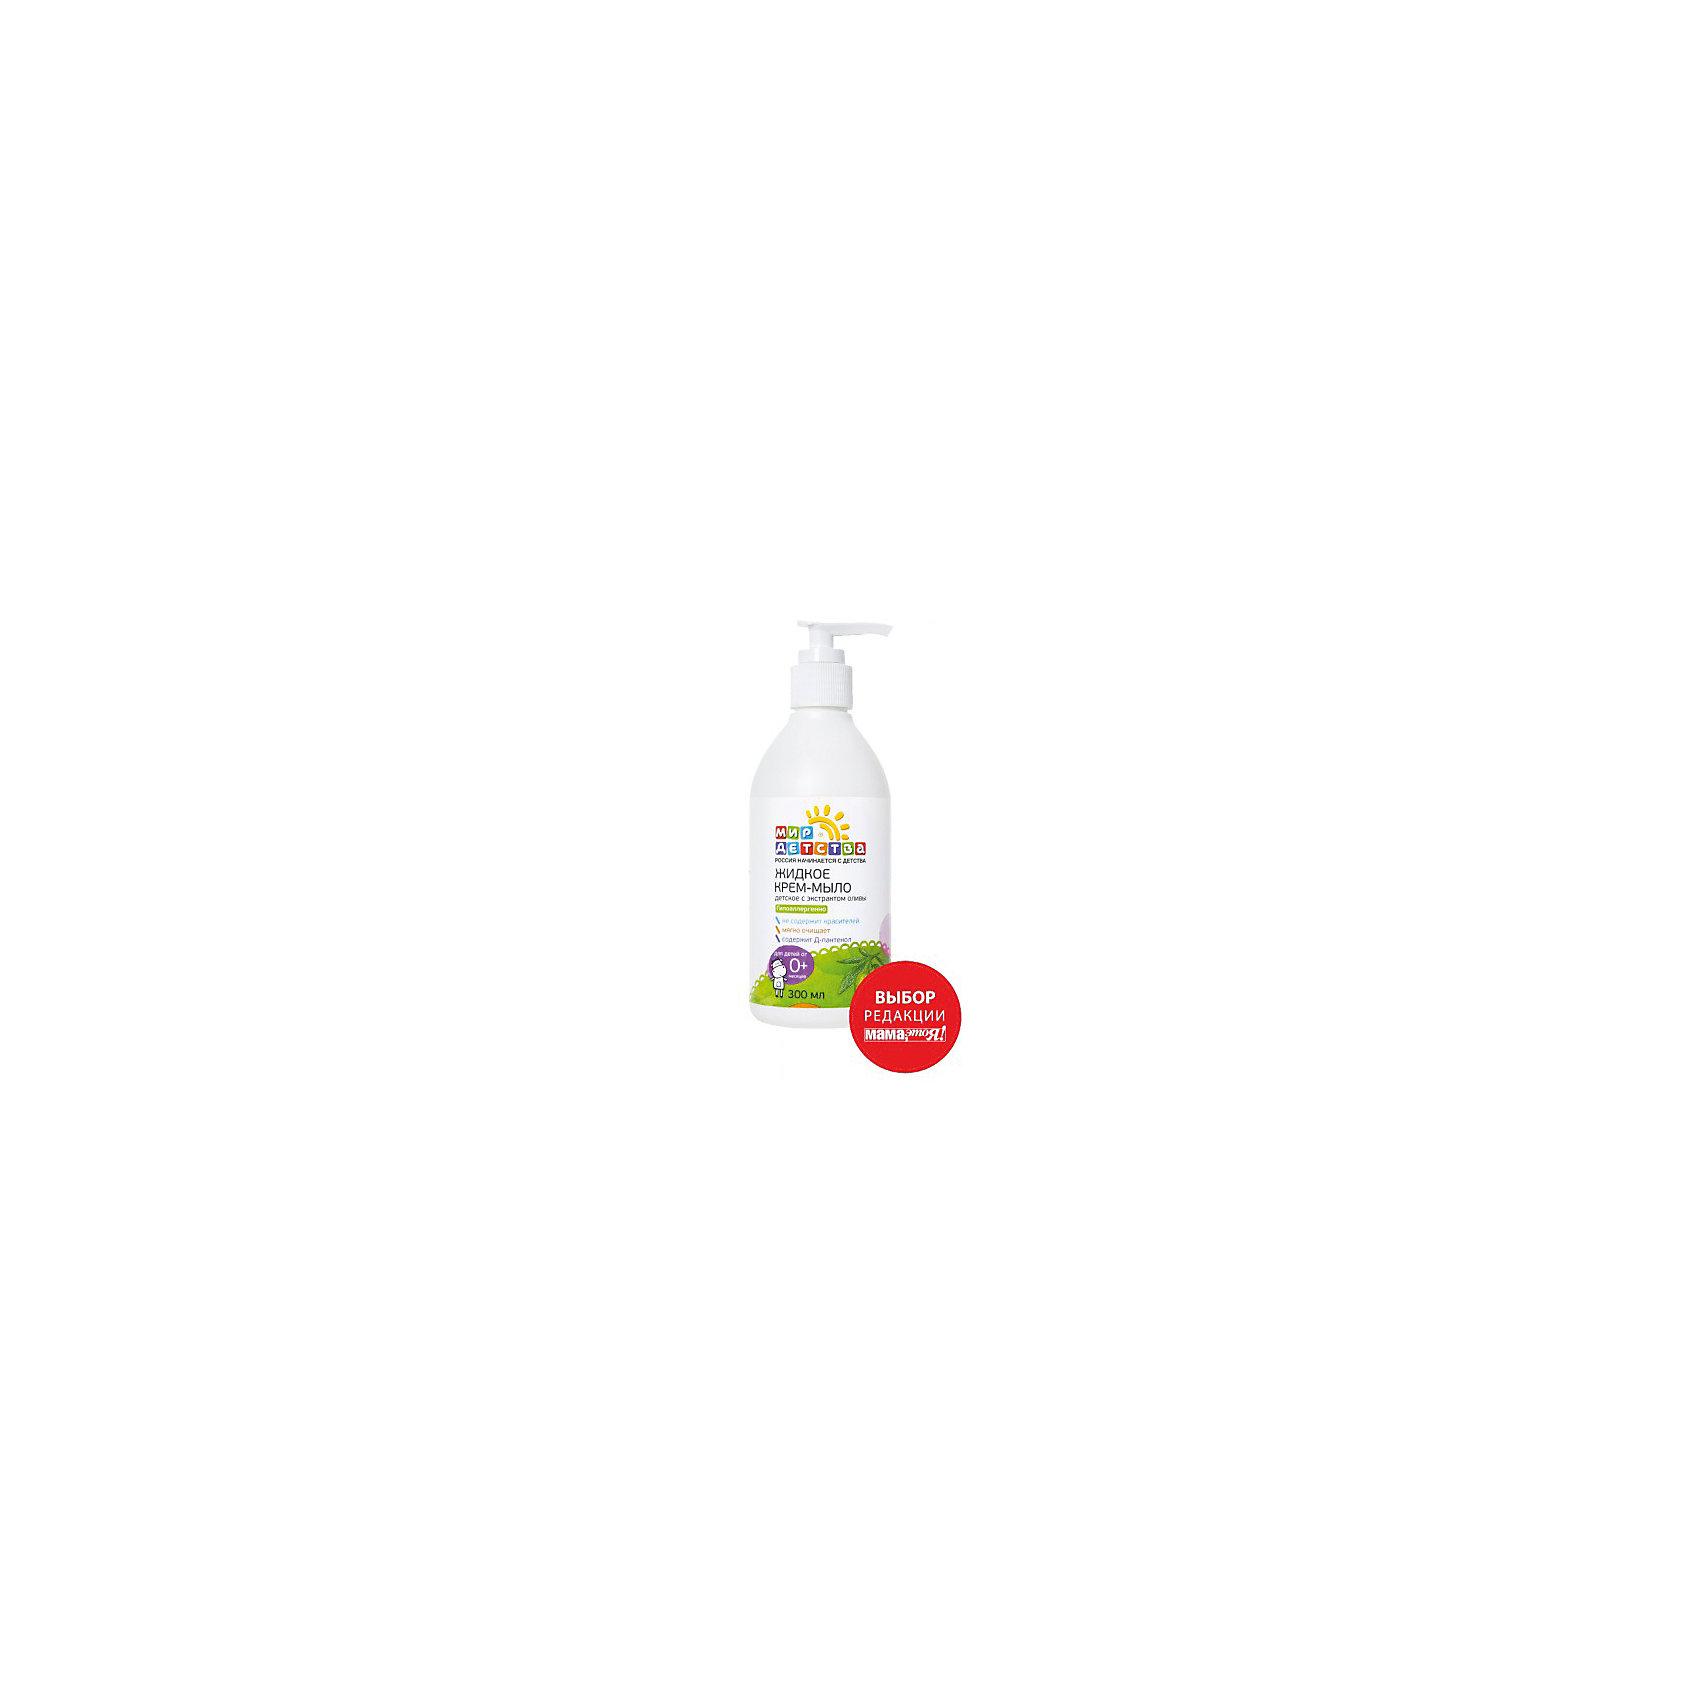 Жидкое крем-мыло с экстрактом оливы, 300мл, Mir Detstva (Мир Детства)